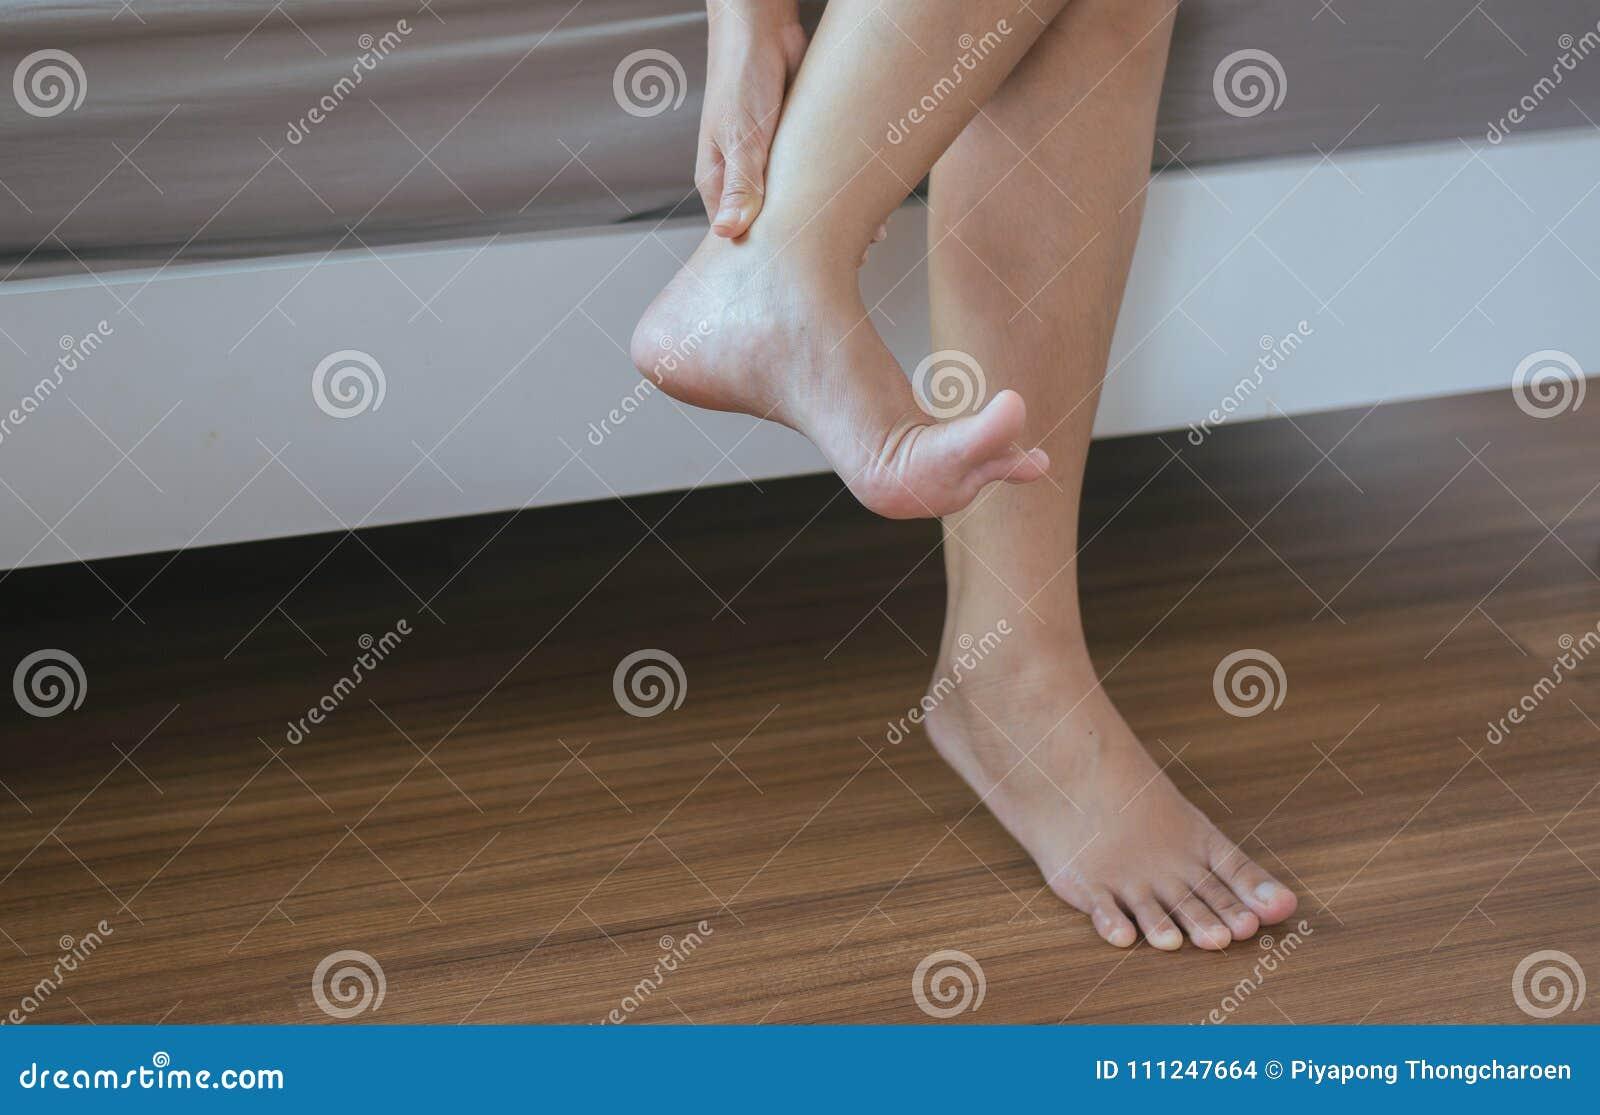 Η γυναίκα χεριών με το τραυματισμό αστραγάλου, πόνος μασάζ, θηλυκό που βλάπτει και που κρατά επίπονος ο αστράγαλος